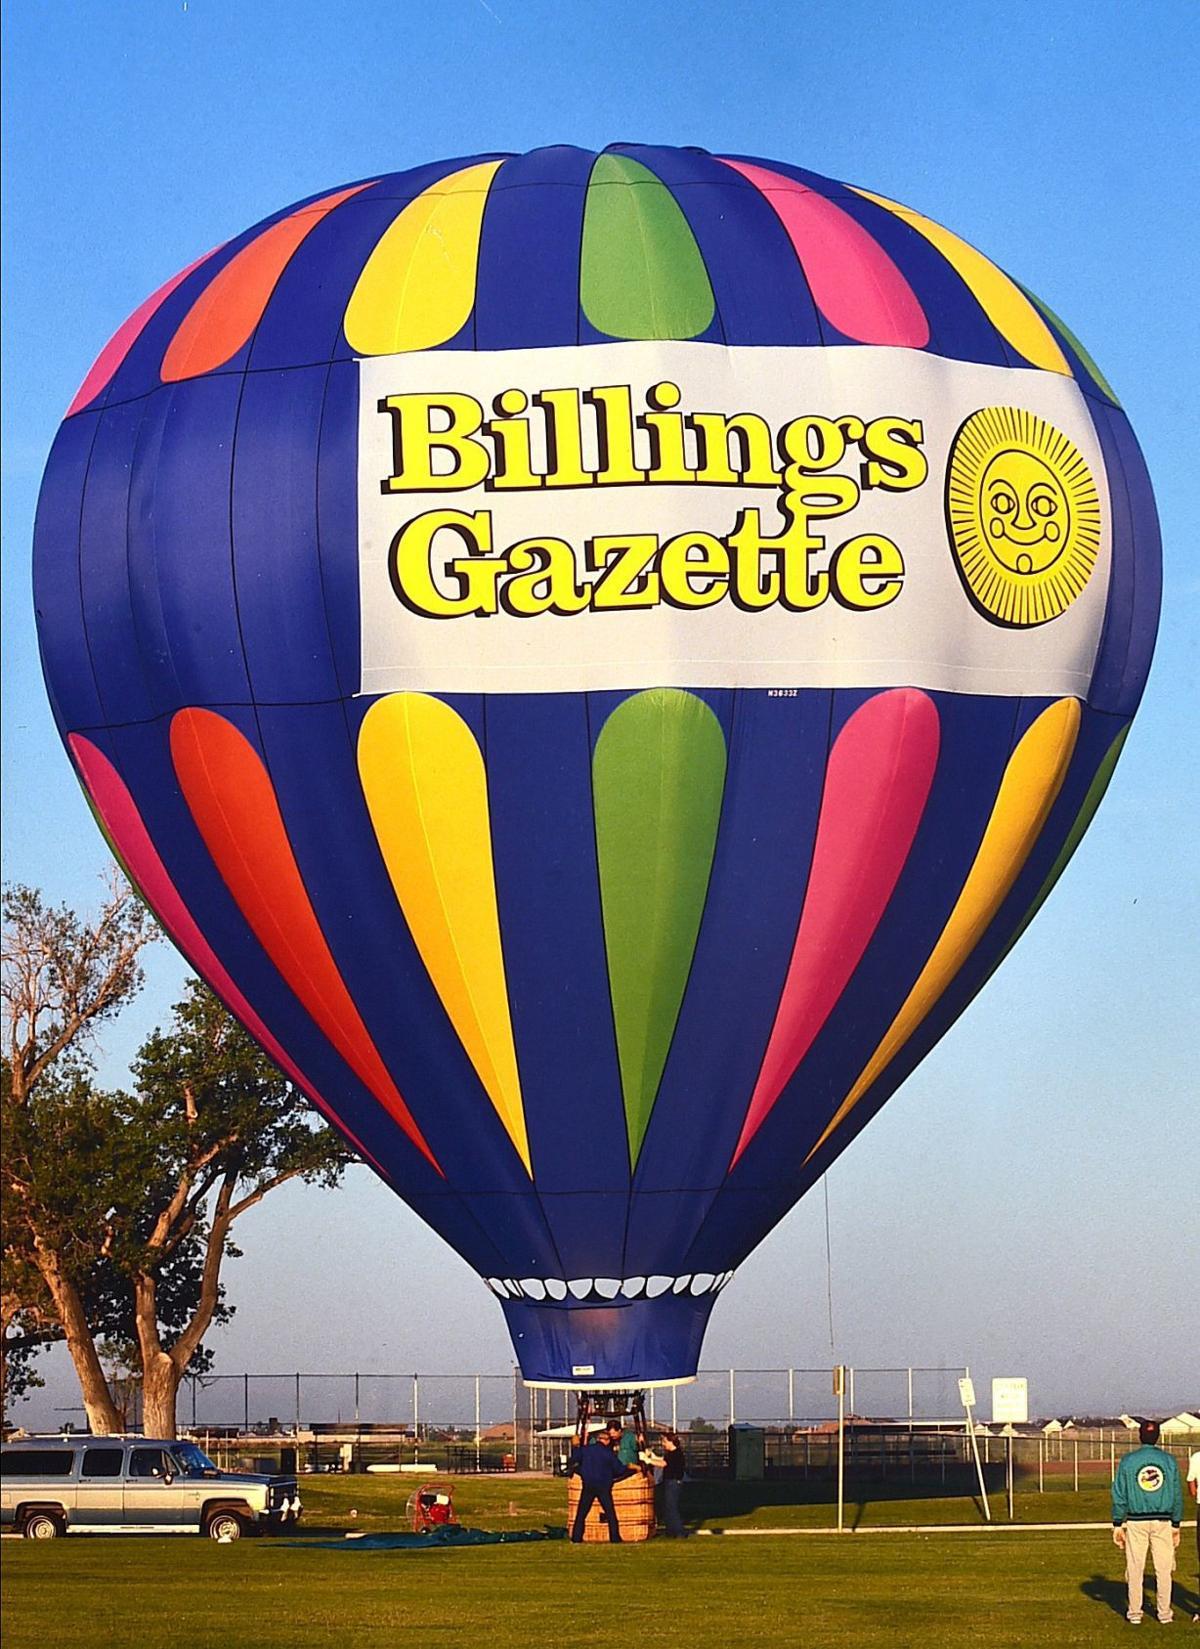 Gazette balloon